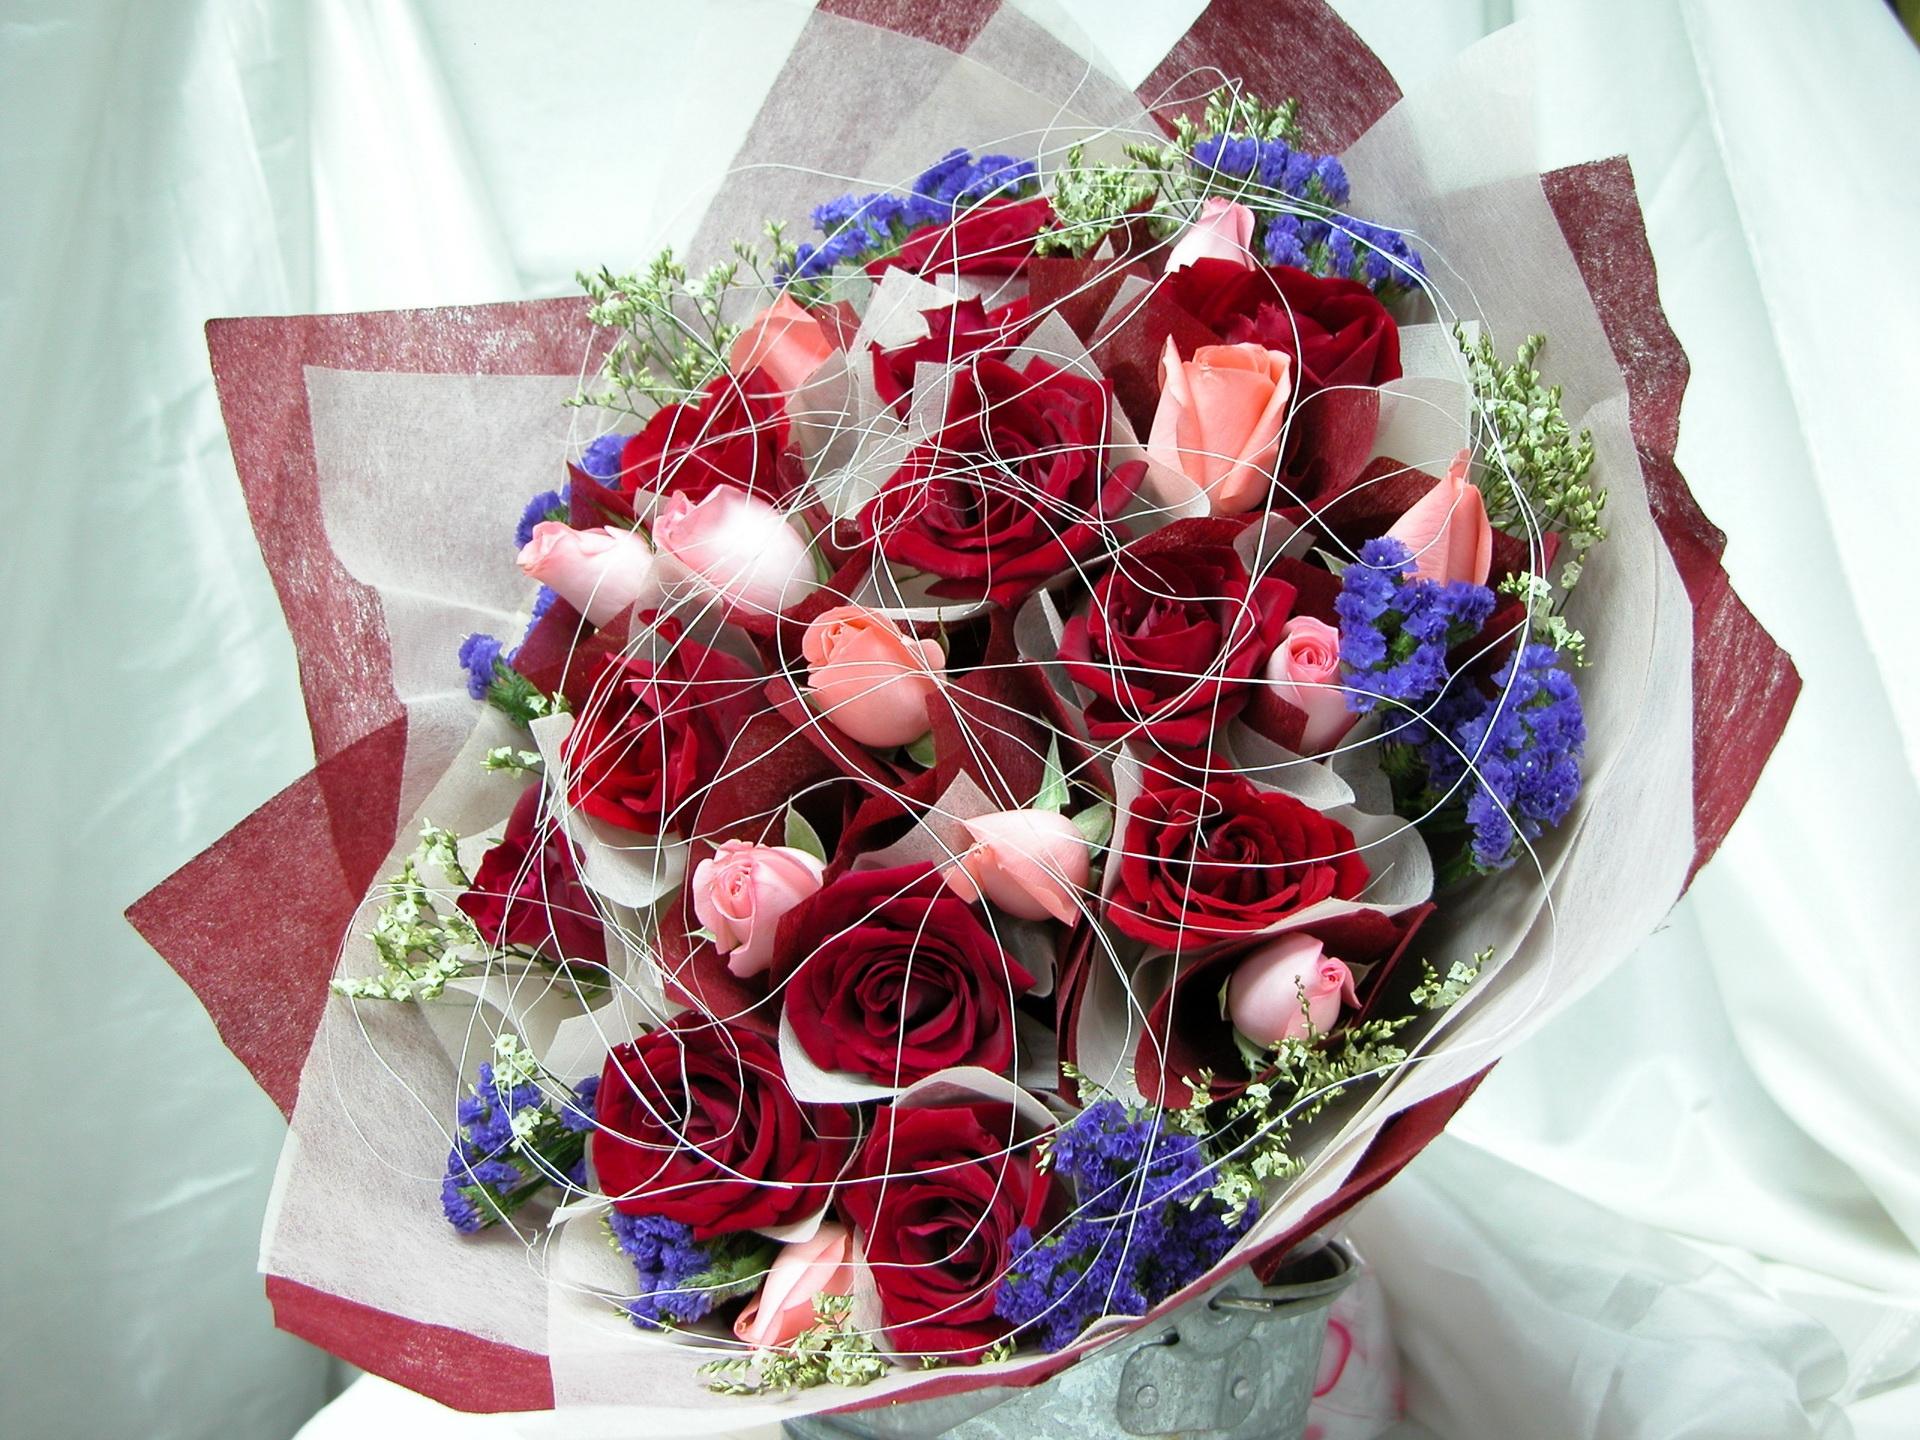 126682 скачать обои Цветы, Розы, Оформление, Букет, Паутинка - заставки и картинки бесплатно